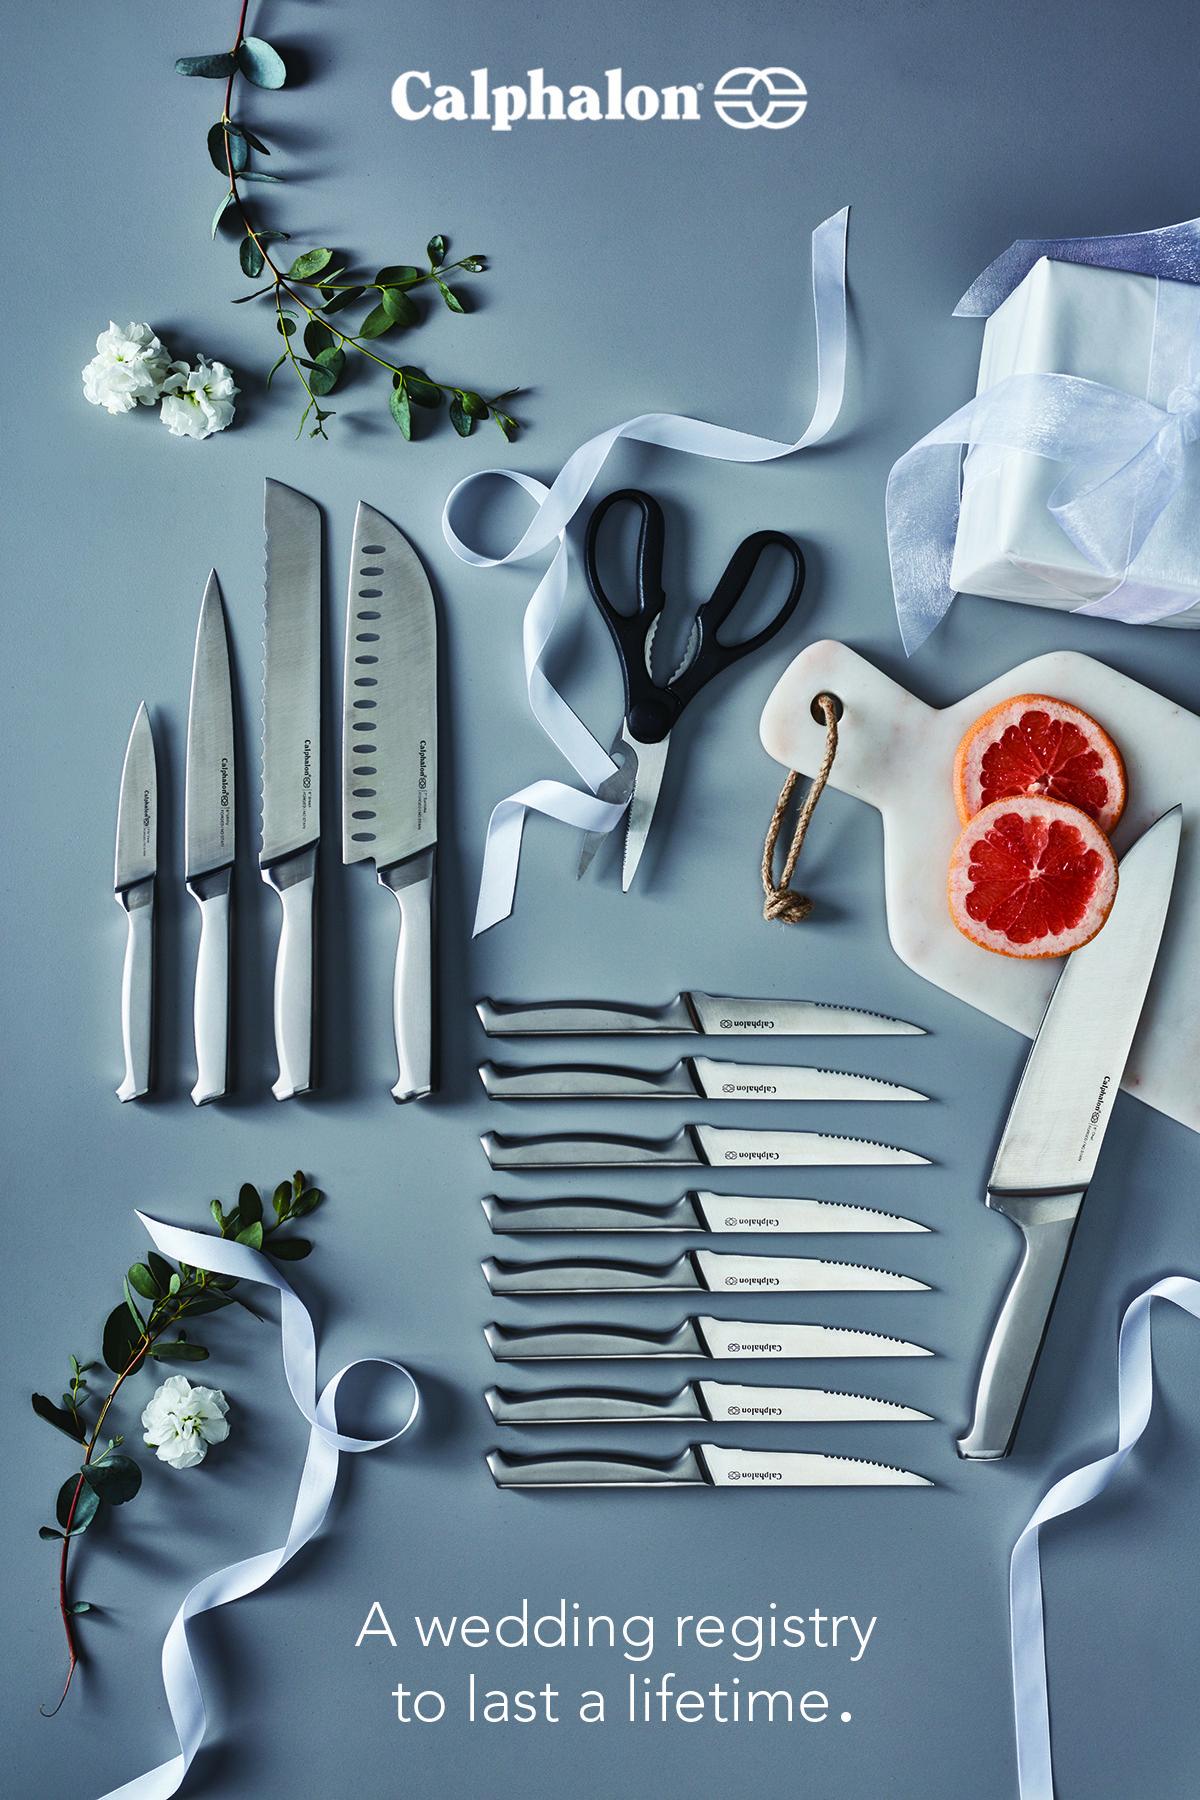 Add Calphalon cutlery to your bridal wishlist. #Wedding #Bridal ...